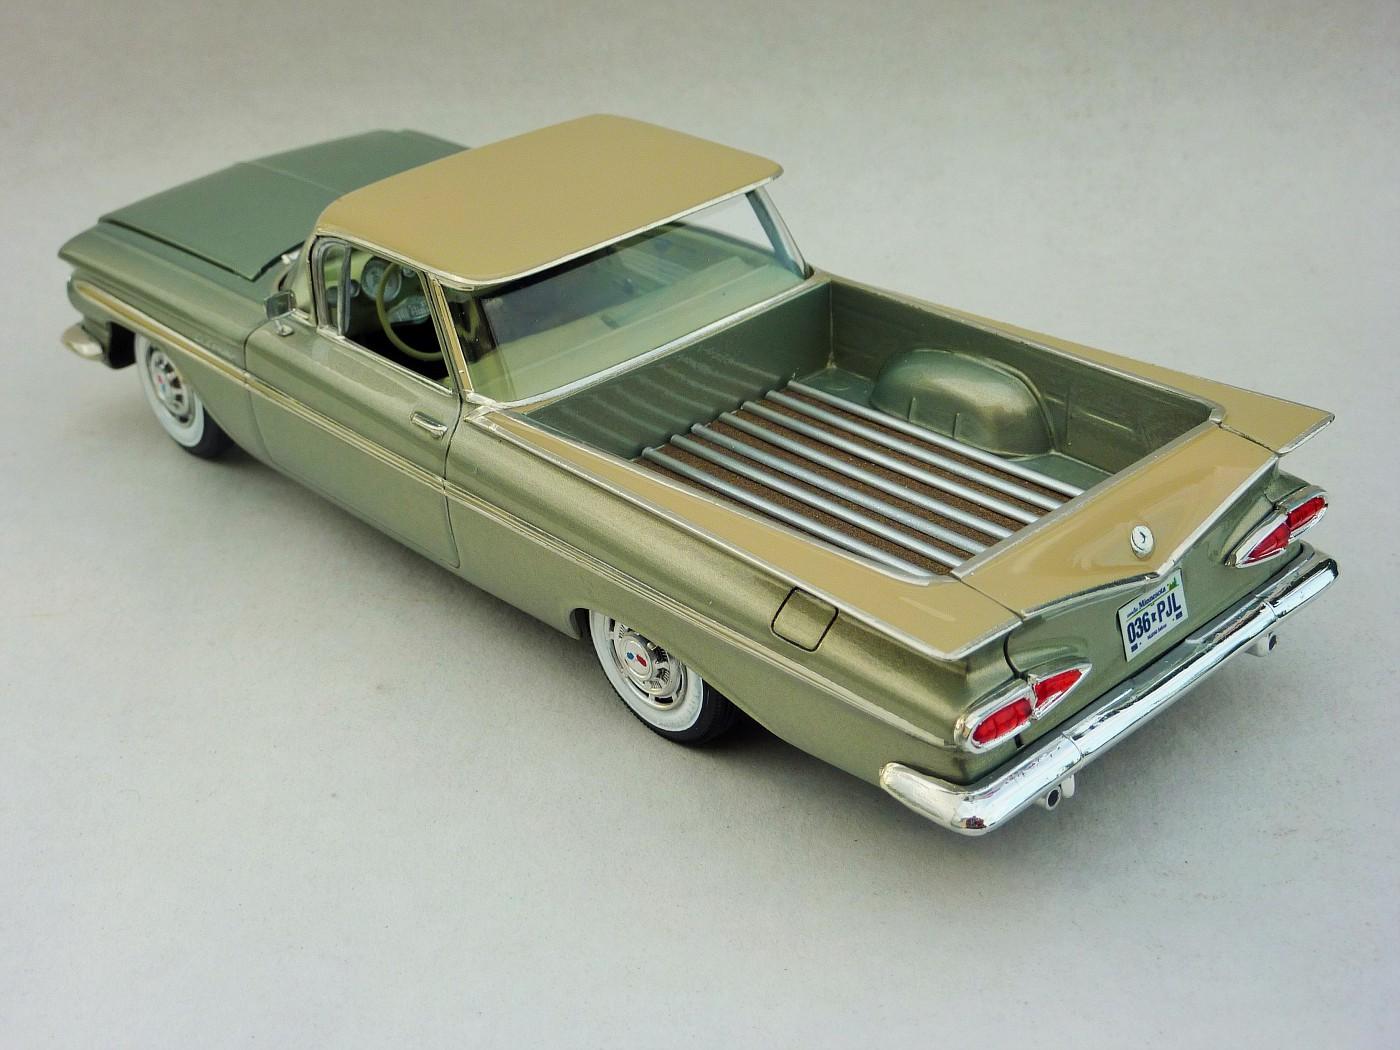 restauration Chevy EL camino 59  P1290124-vi